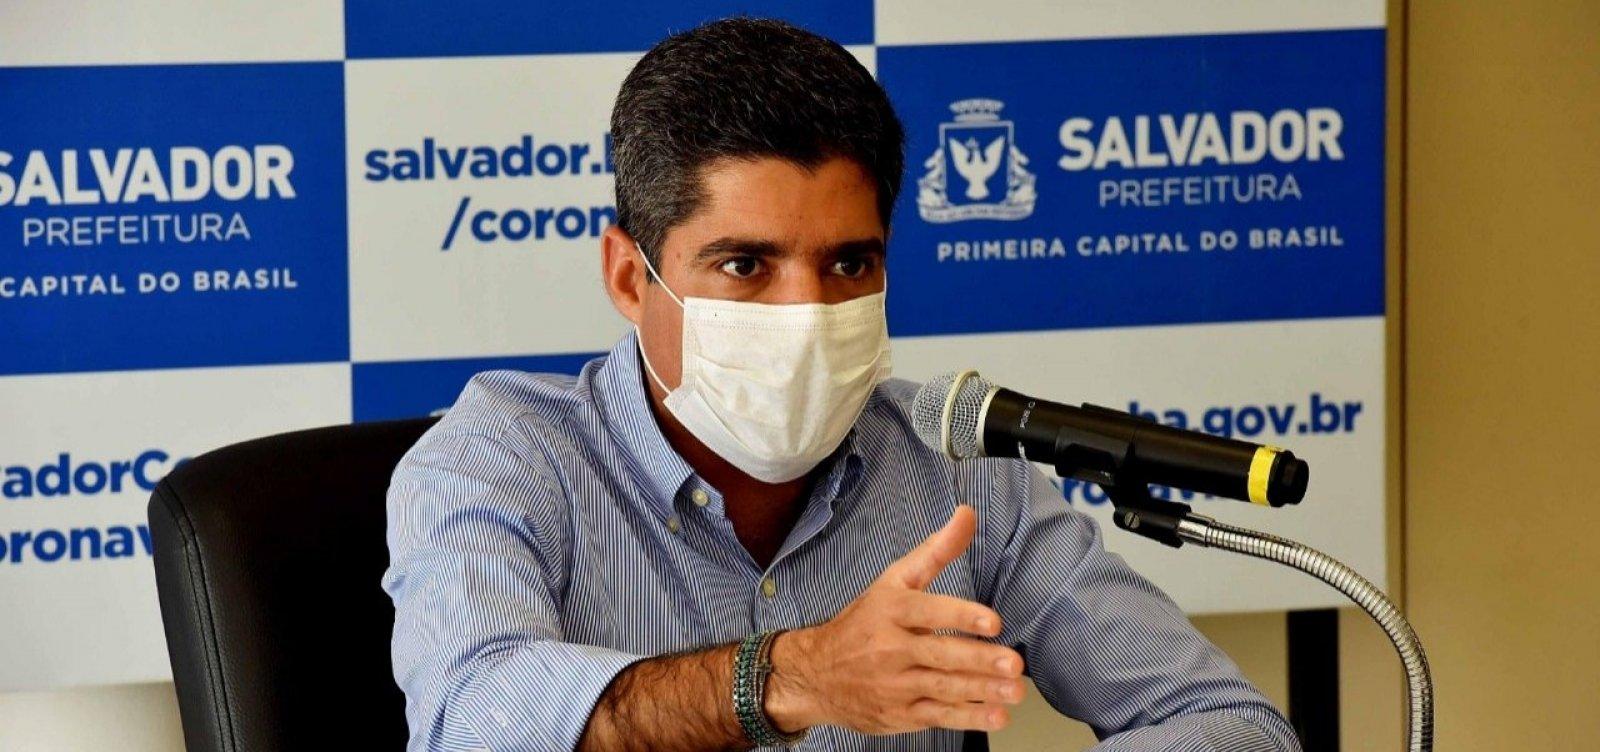 [Coronavírus: ACM Neto diz que mais de 70% dos leitos de UTI estão ocupados em Salvador]